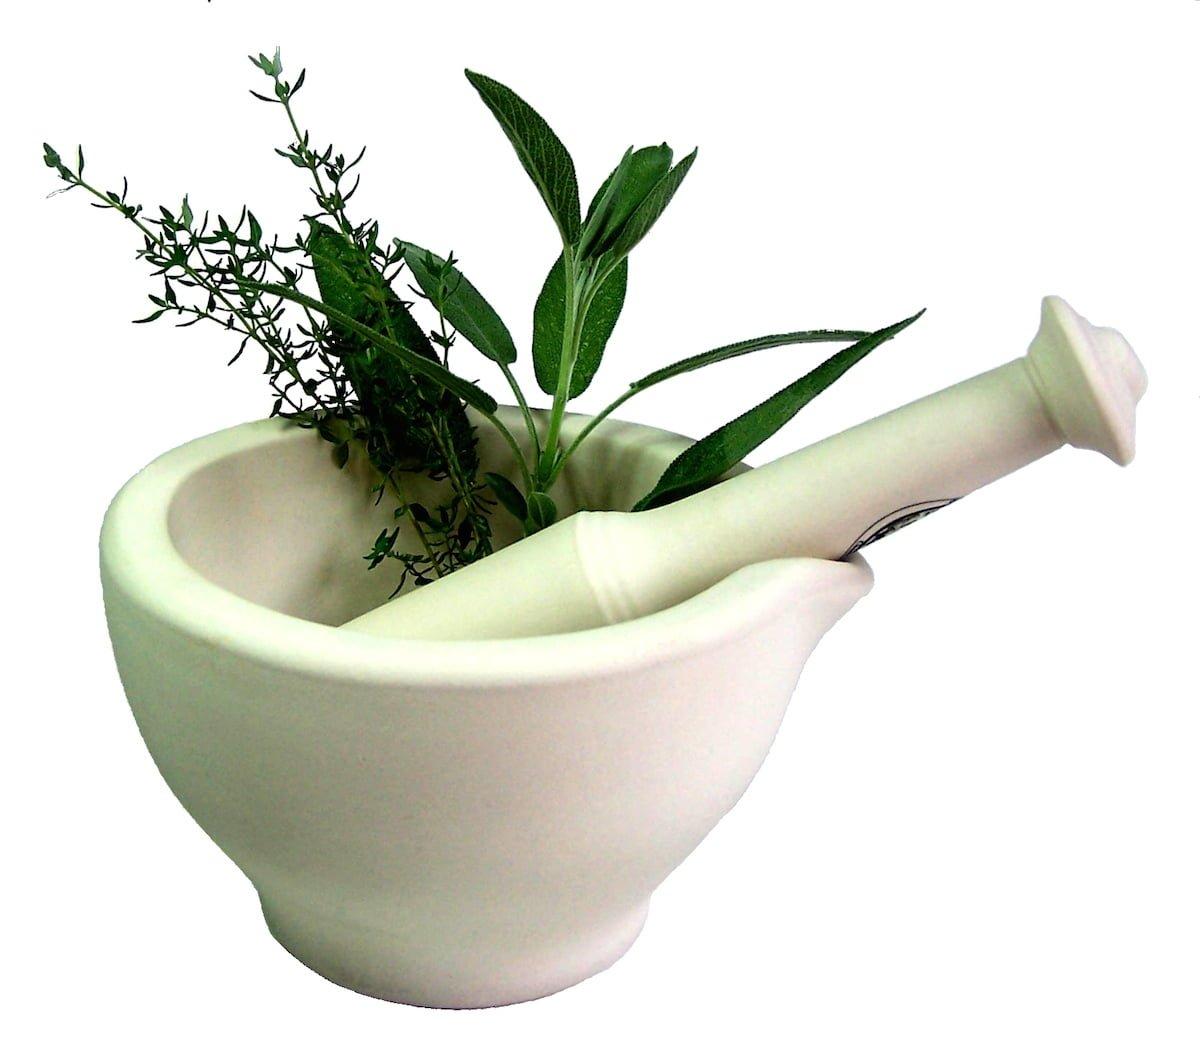 Jak wykorzystać w kuchni zioła i przyprawy?